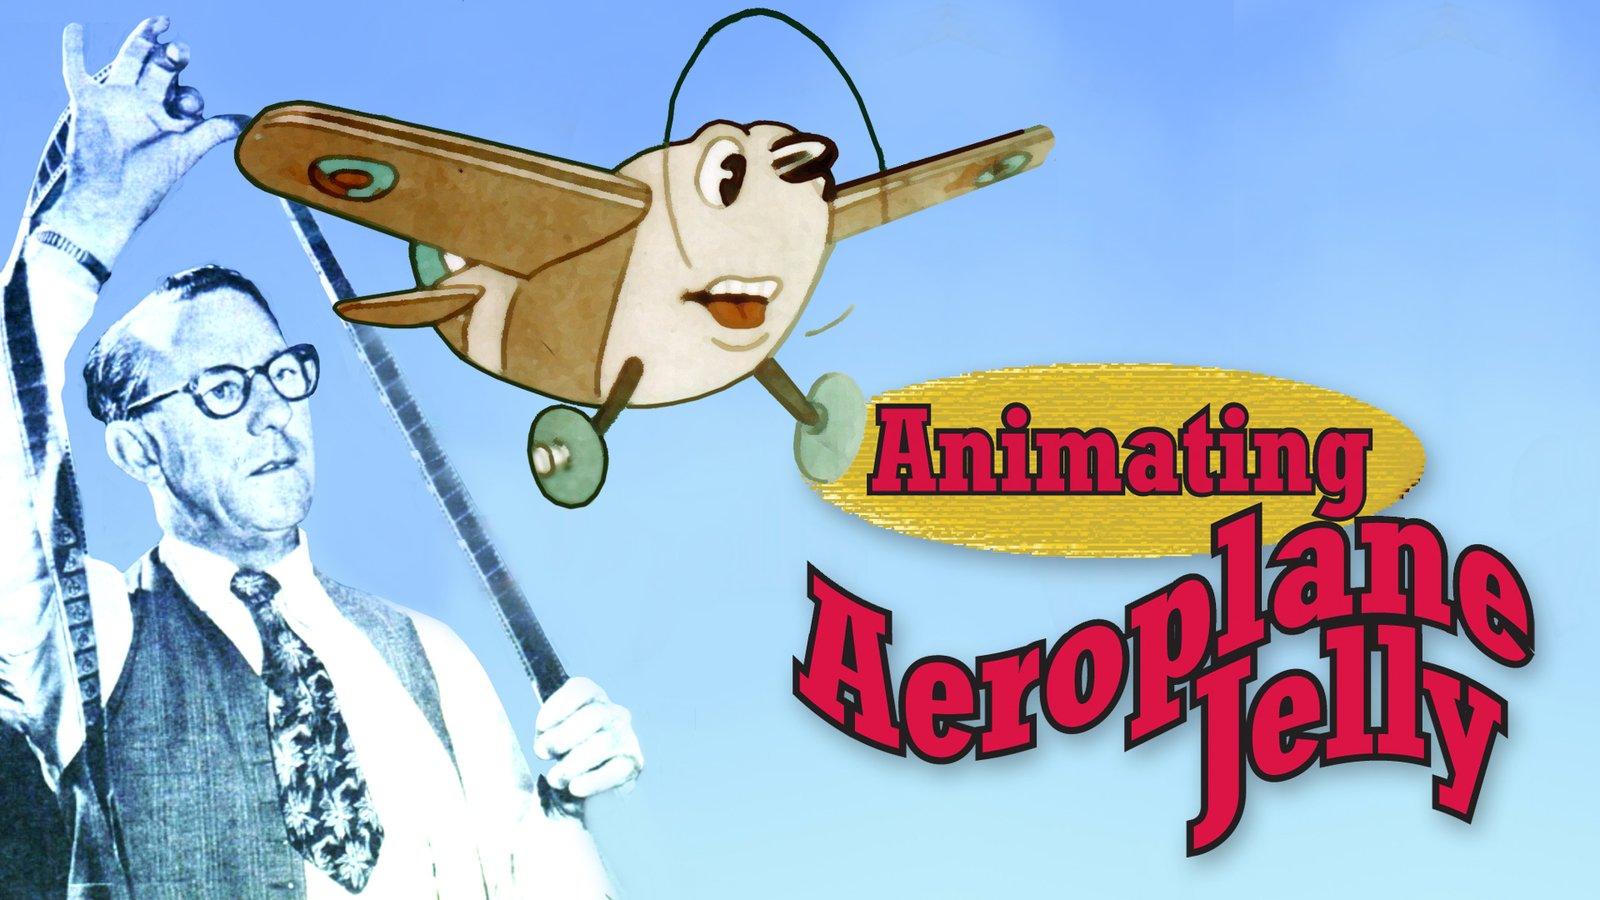 Animating Aeroplane Jelly